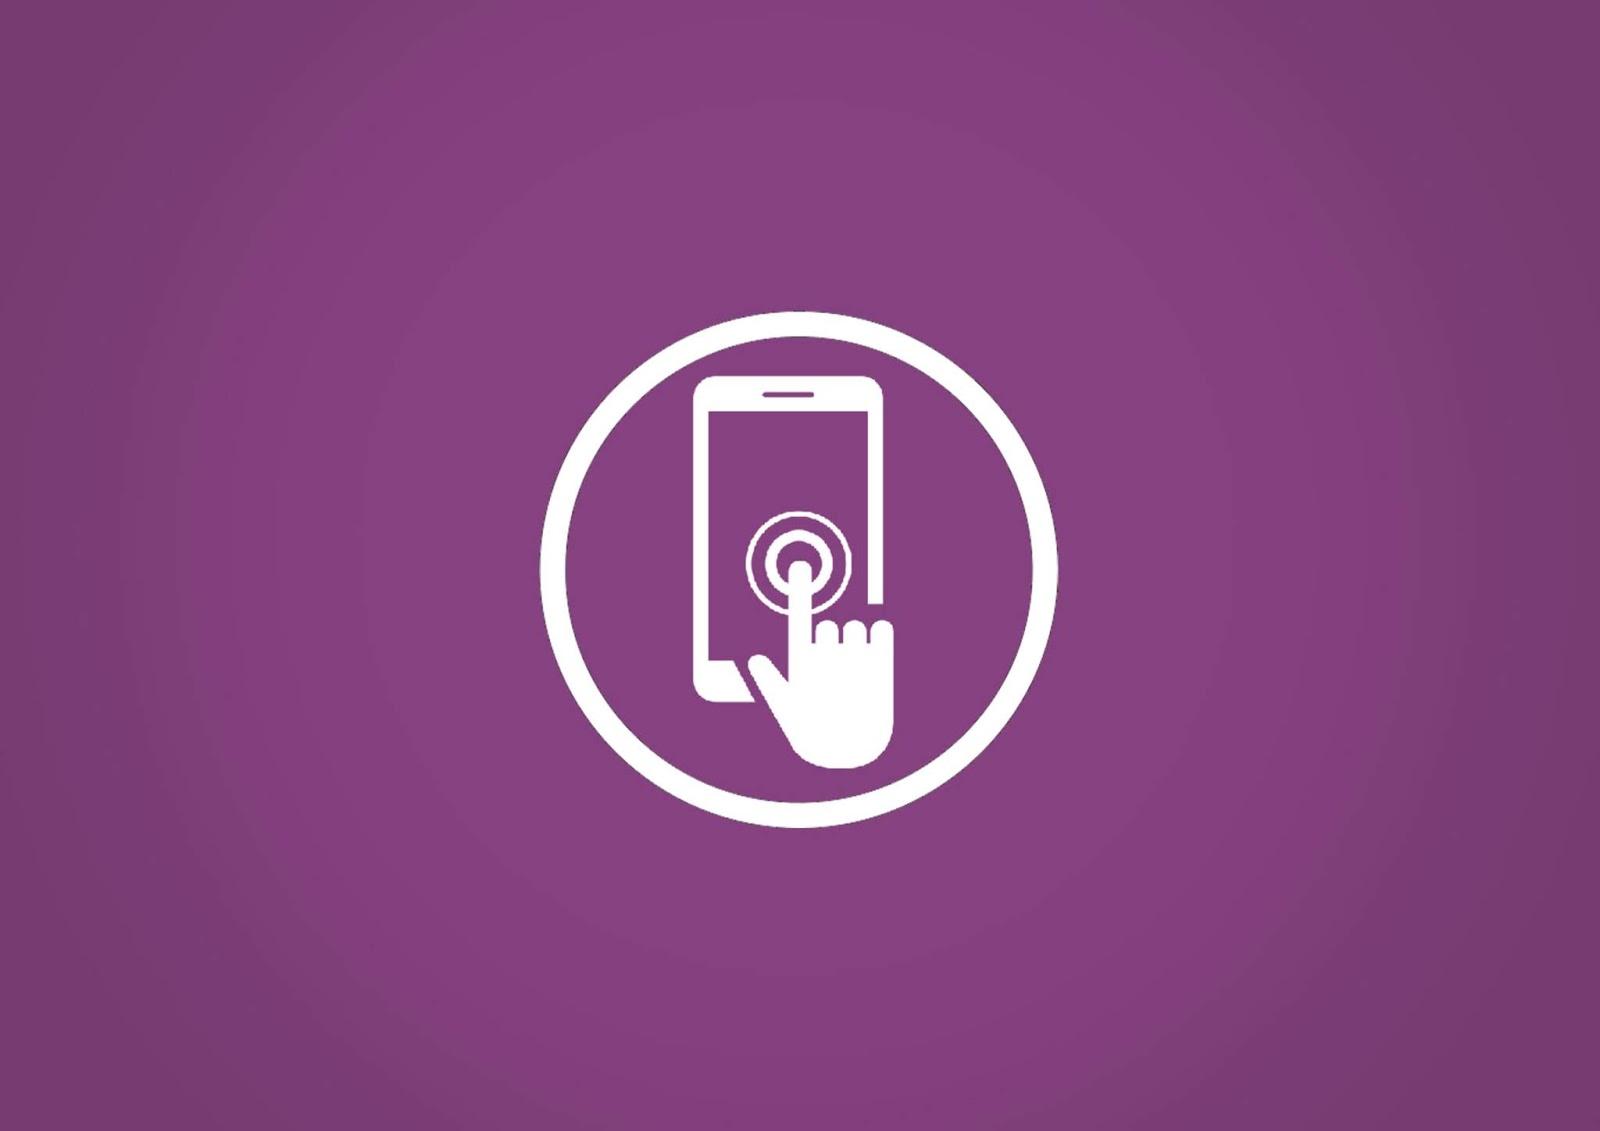 Aprendizajes inclusivos: Jornada Comunicación y TIC